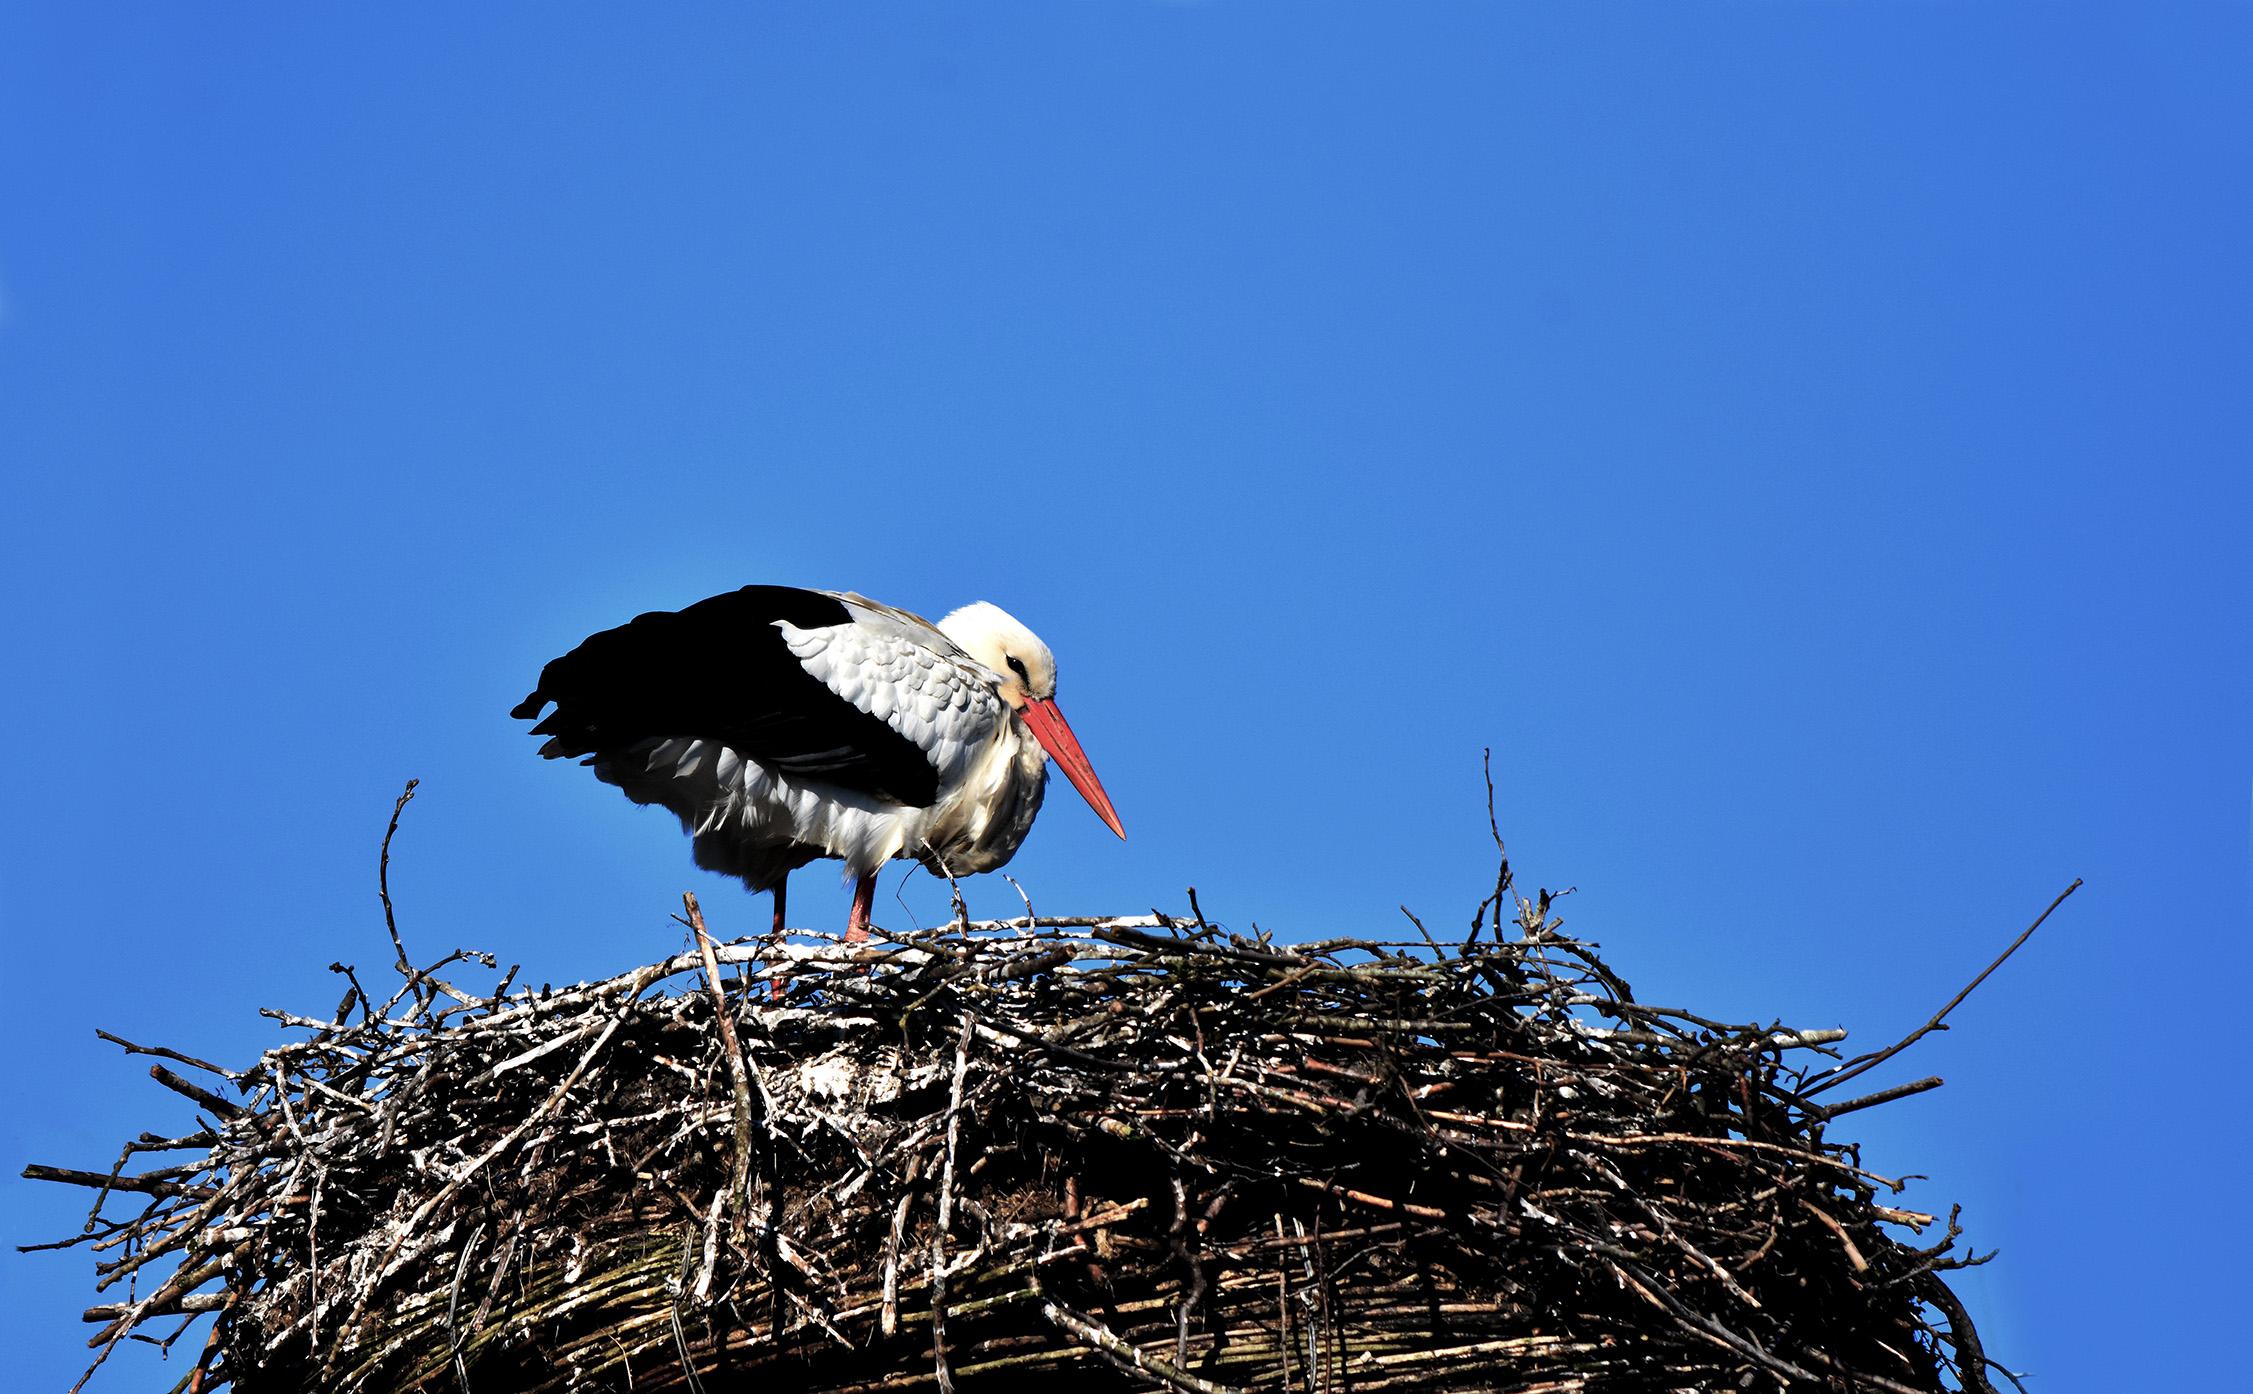 Keurende blikken van het vrouwtje op het nest, in afwachting van nieuwe aanvoer - Foto: ©Louis Fraanje